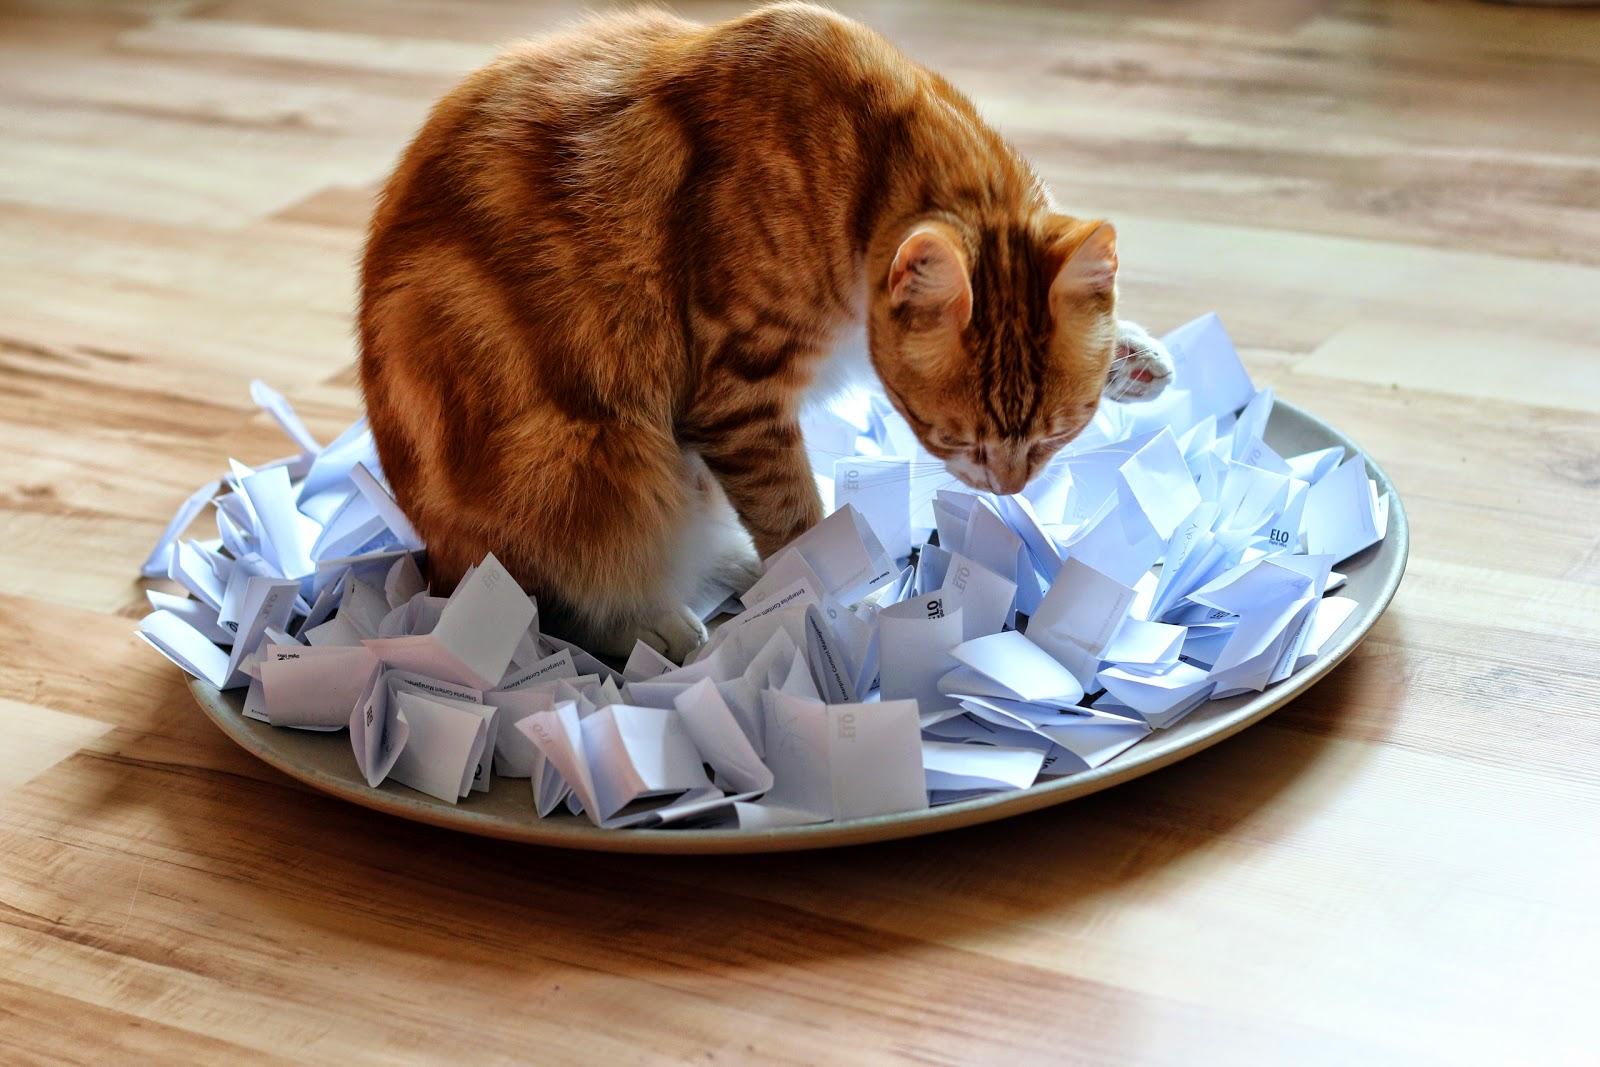 Katzencontent! Paul O'Malley, der rheinhessische Salonlöwe, bei der erneuten Auslosung der/des Thermomix-Gewinner_in | Arthurs Tochter Kocht by Astrid Paul